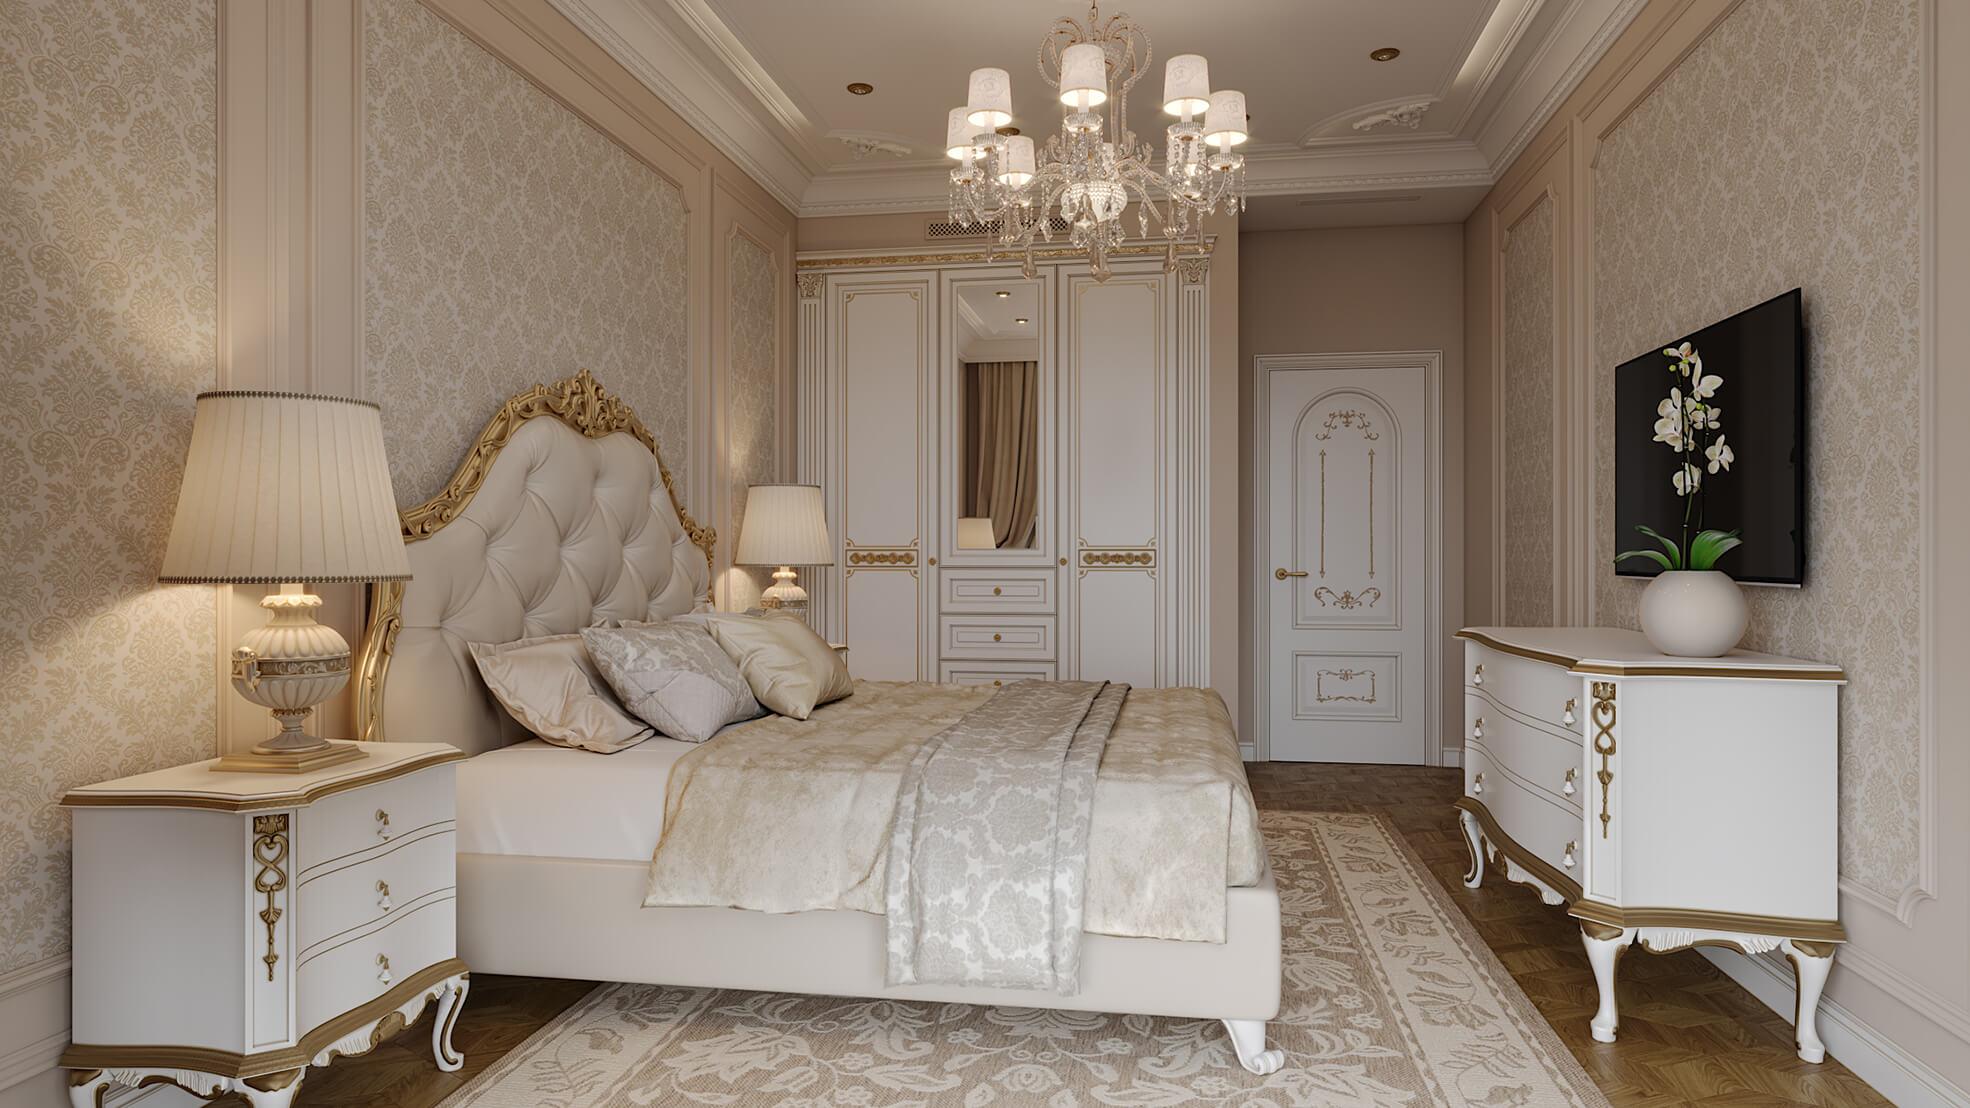 phong cách thiết kế nội thất nhà chung cư đẹp nhất hiện nay 26